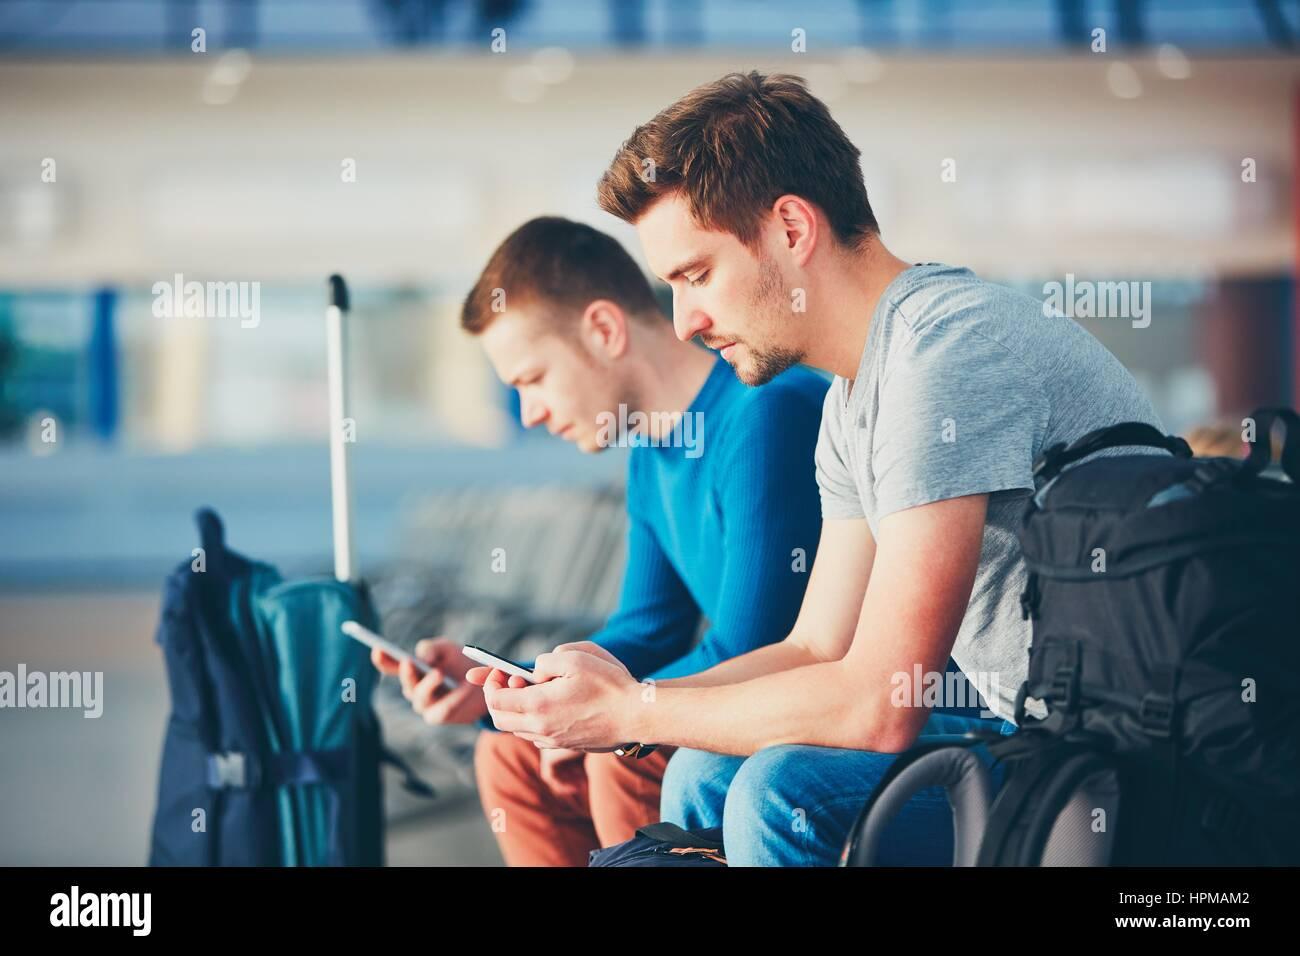 Dos amigos que viajan juntos. Los viajeros con teléfonos móviles esperando en la zona de salida en el Imagen De Stock